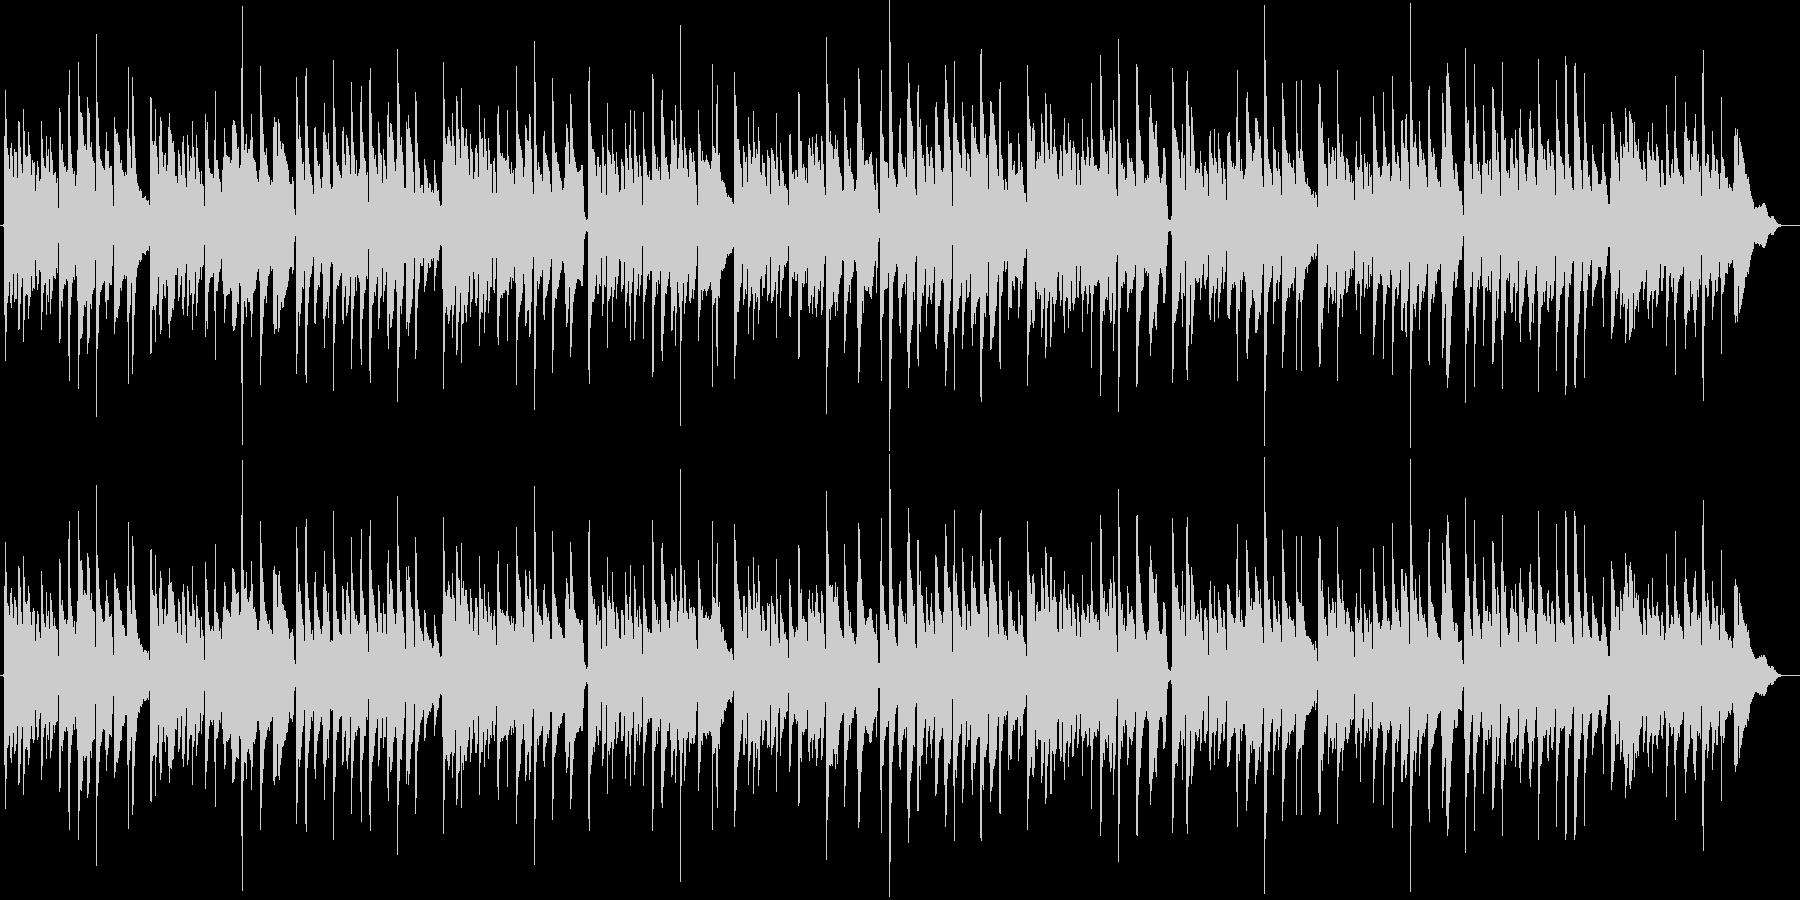 ベートーヴェン第9 アコギ合奏 喜びの歌の未再生の波形